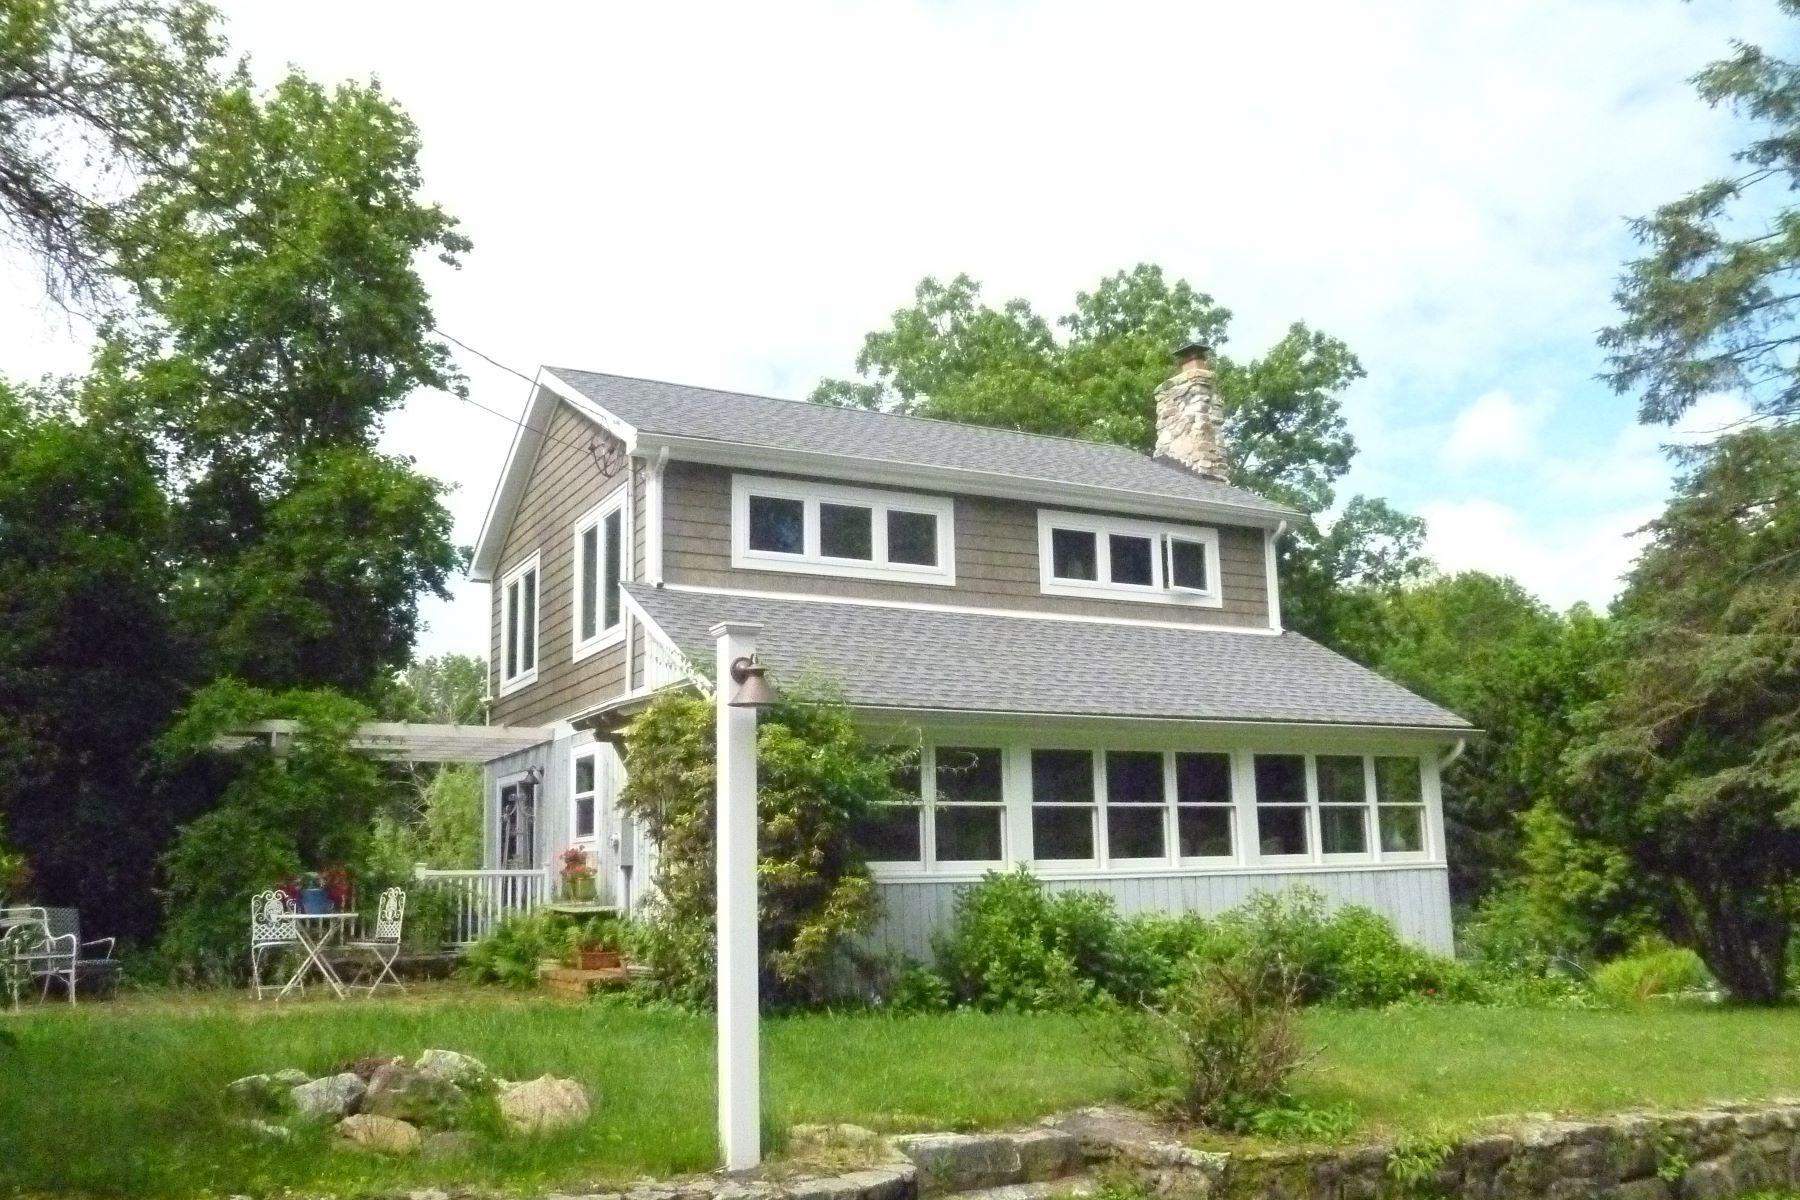 Частный односемейный дом для того Аренда на Unfurnished Rental 18 Lake Road Ridgefield, Коннектикут, 06877 Соединенные Штаты